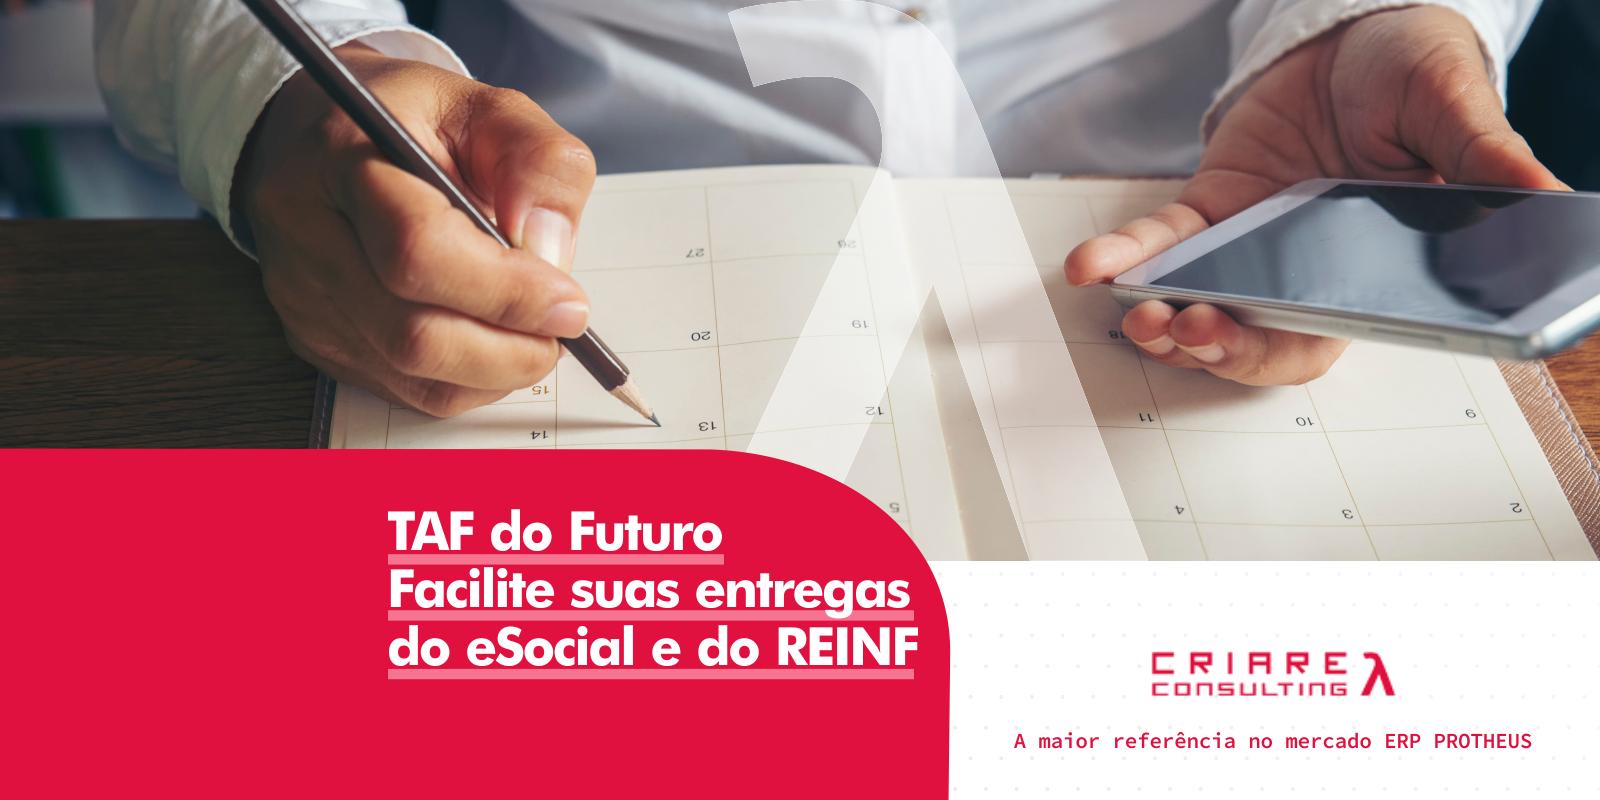 TAF do Futuro, Facilite suas entregas de e-Social e REINF